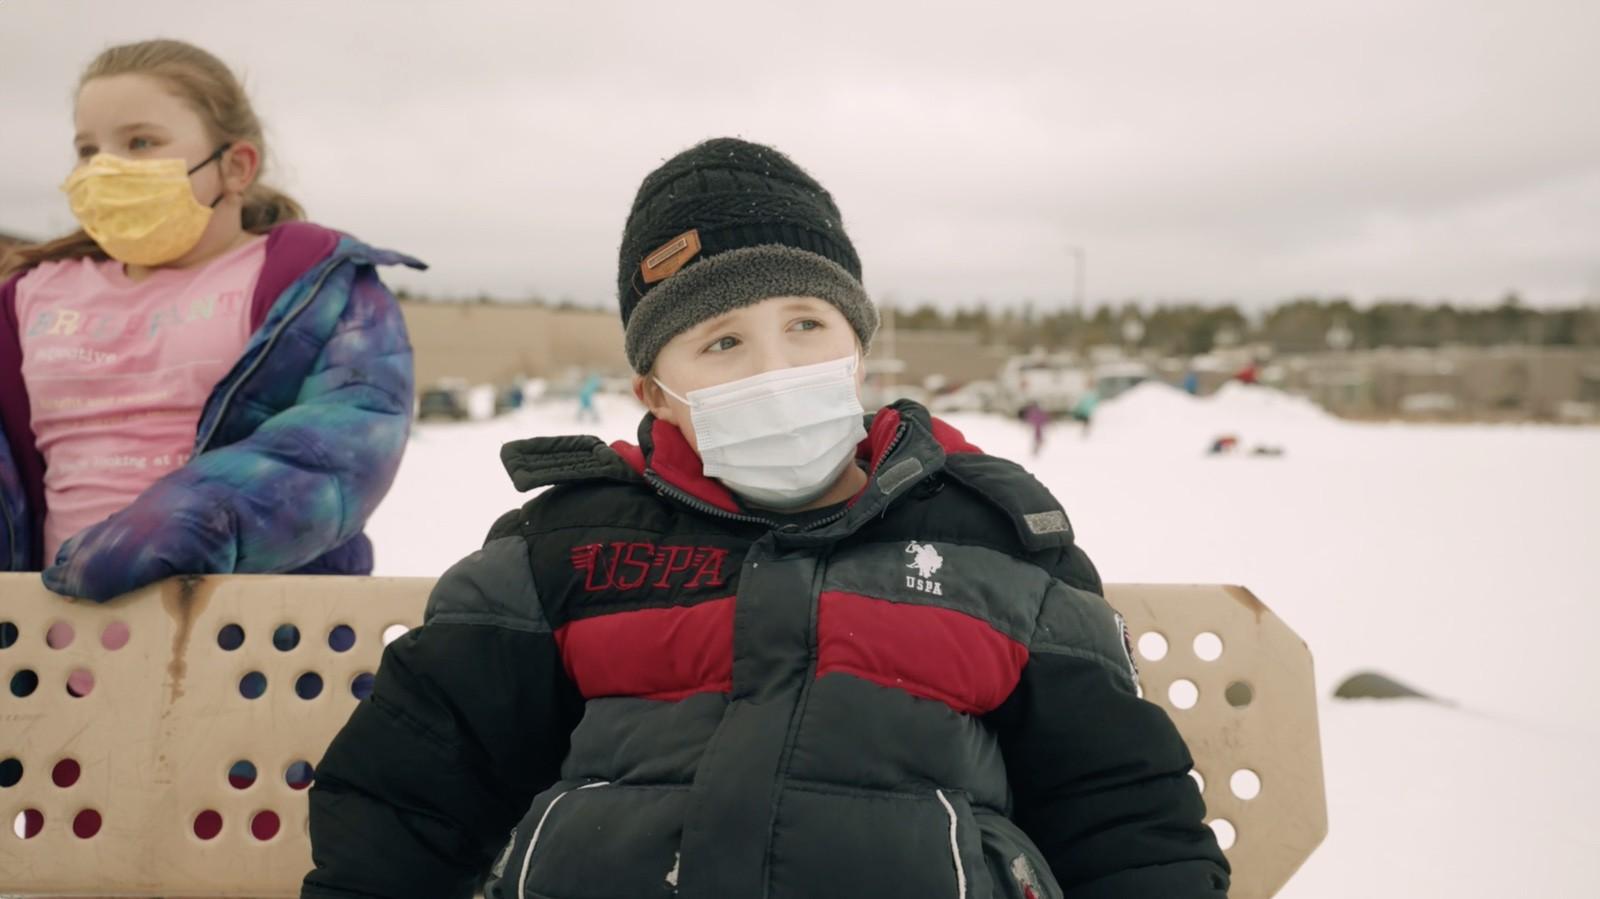 WinterKids Winter Games 2021 Video Screenshots8